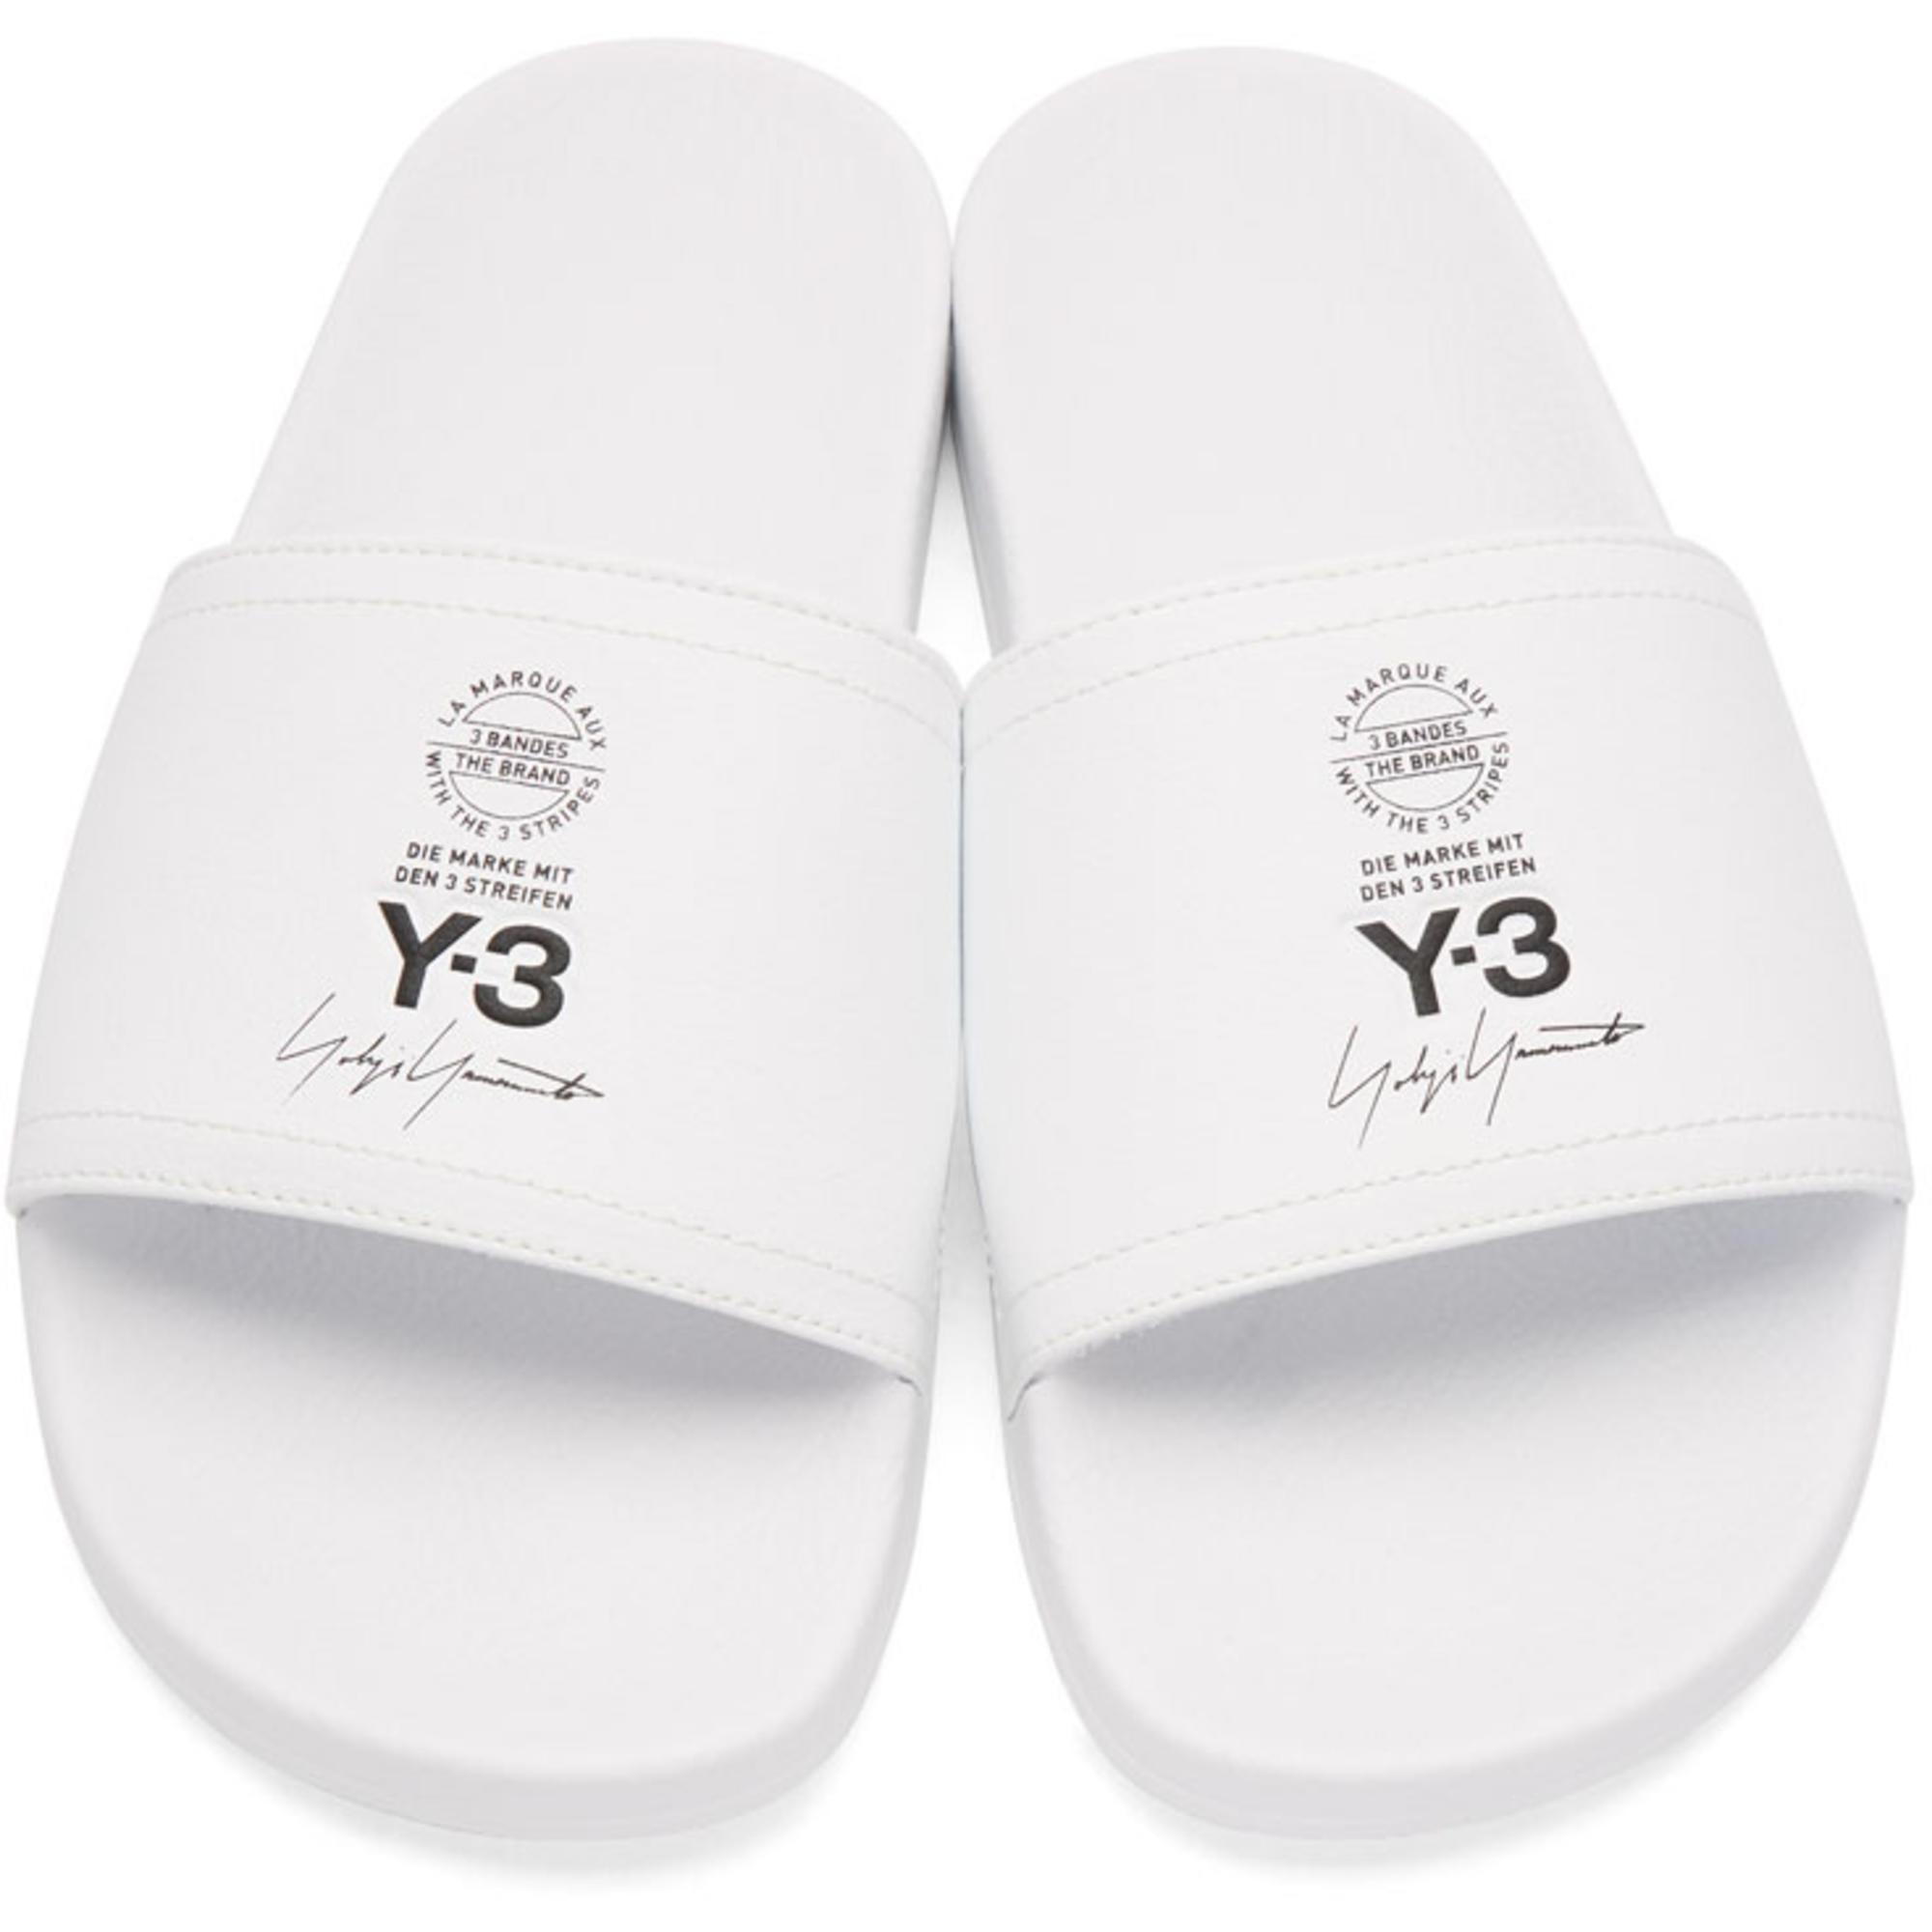 Vente Pas Cher Meilleur Endroit Y-3 White Leather Adilette Slides Achat Frais De Port Offerts Achats En Ligne En Ligne Vente Faux Frais De Port Offerts jVVZ9mI